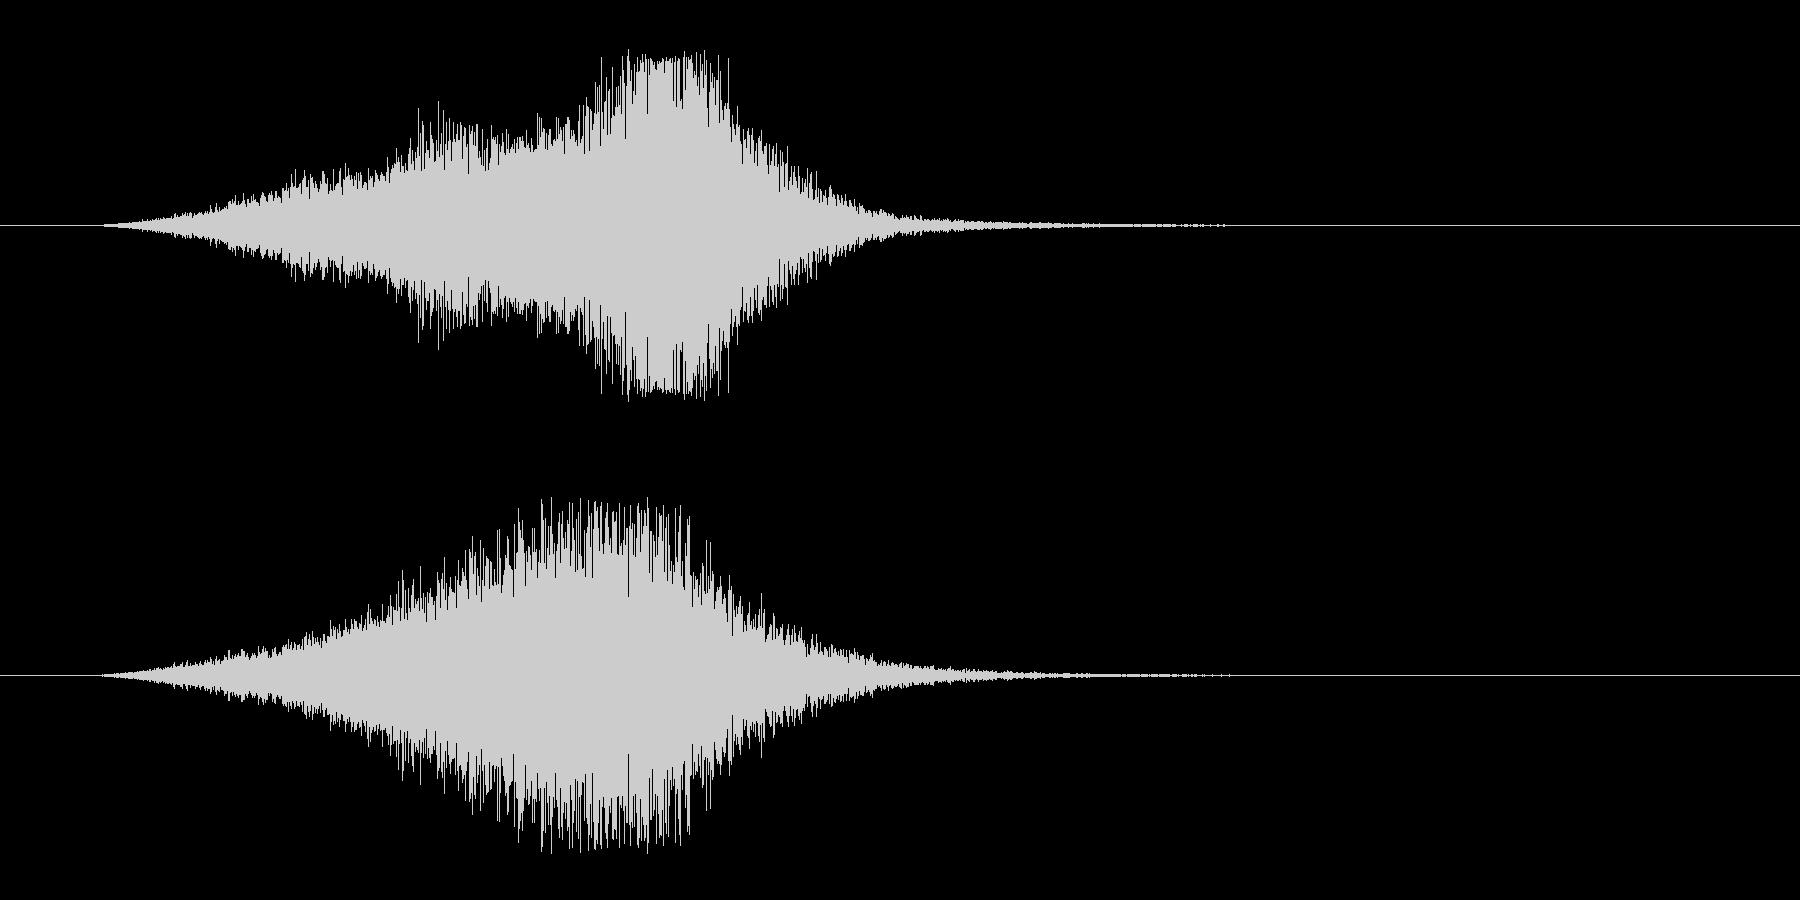 シューン 飛ぶ ビーム シューティングの未再生の波形